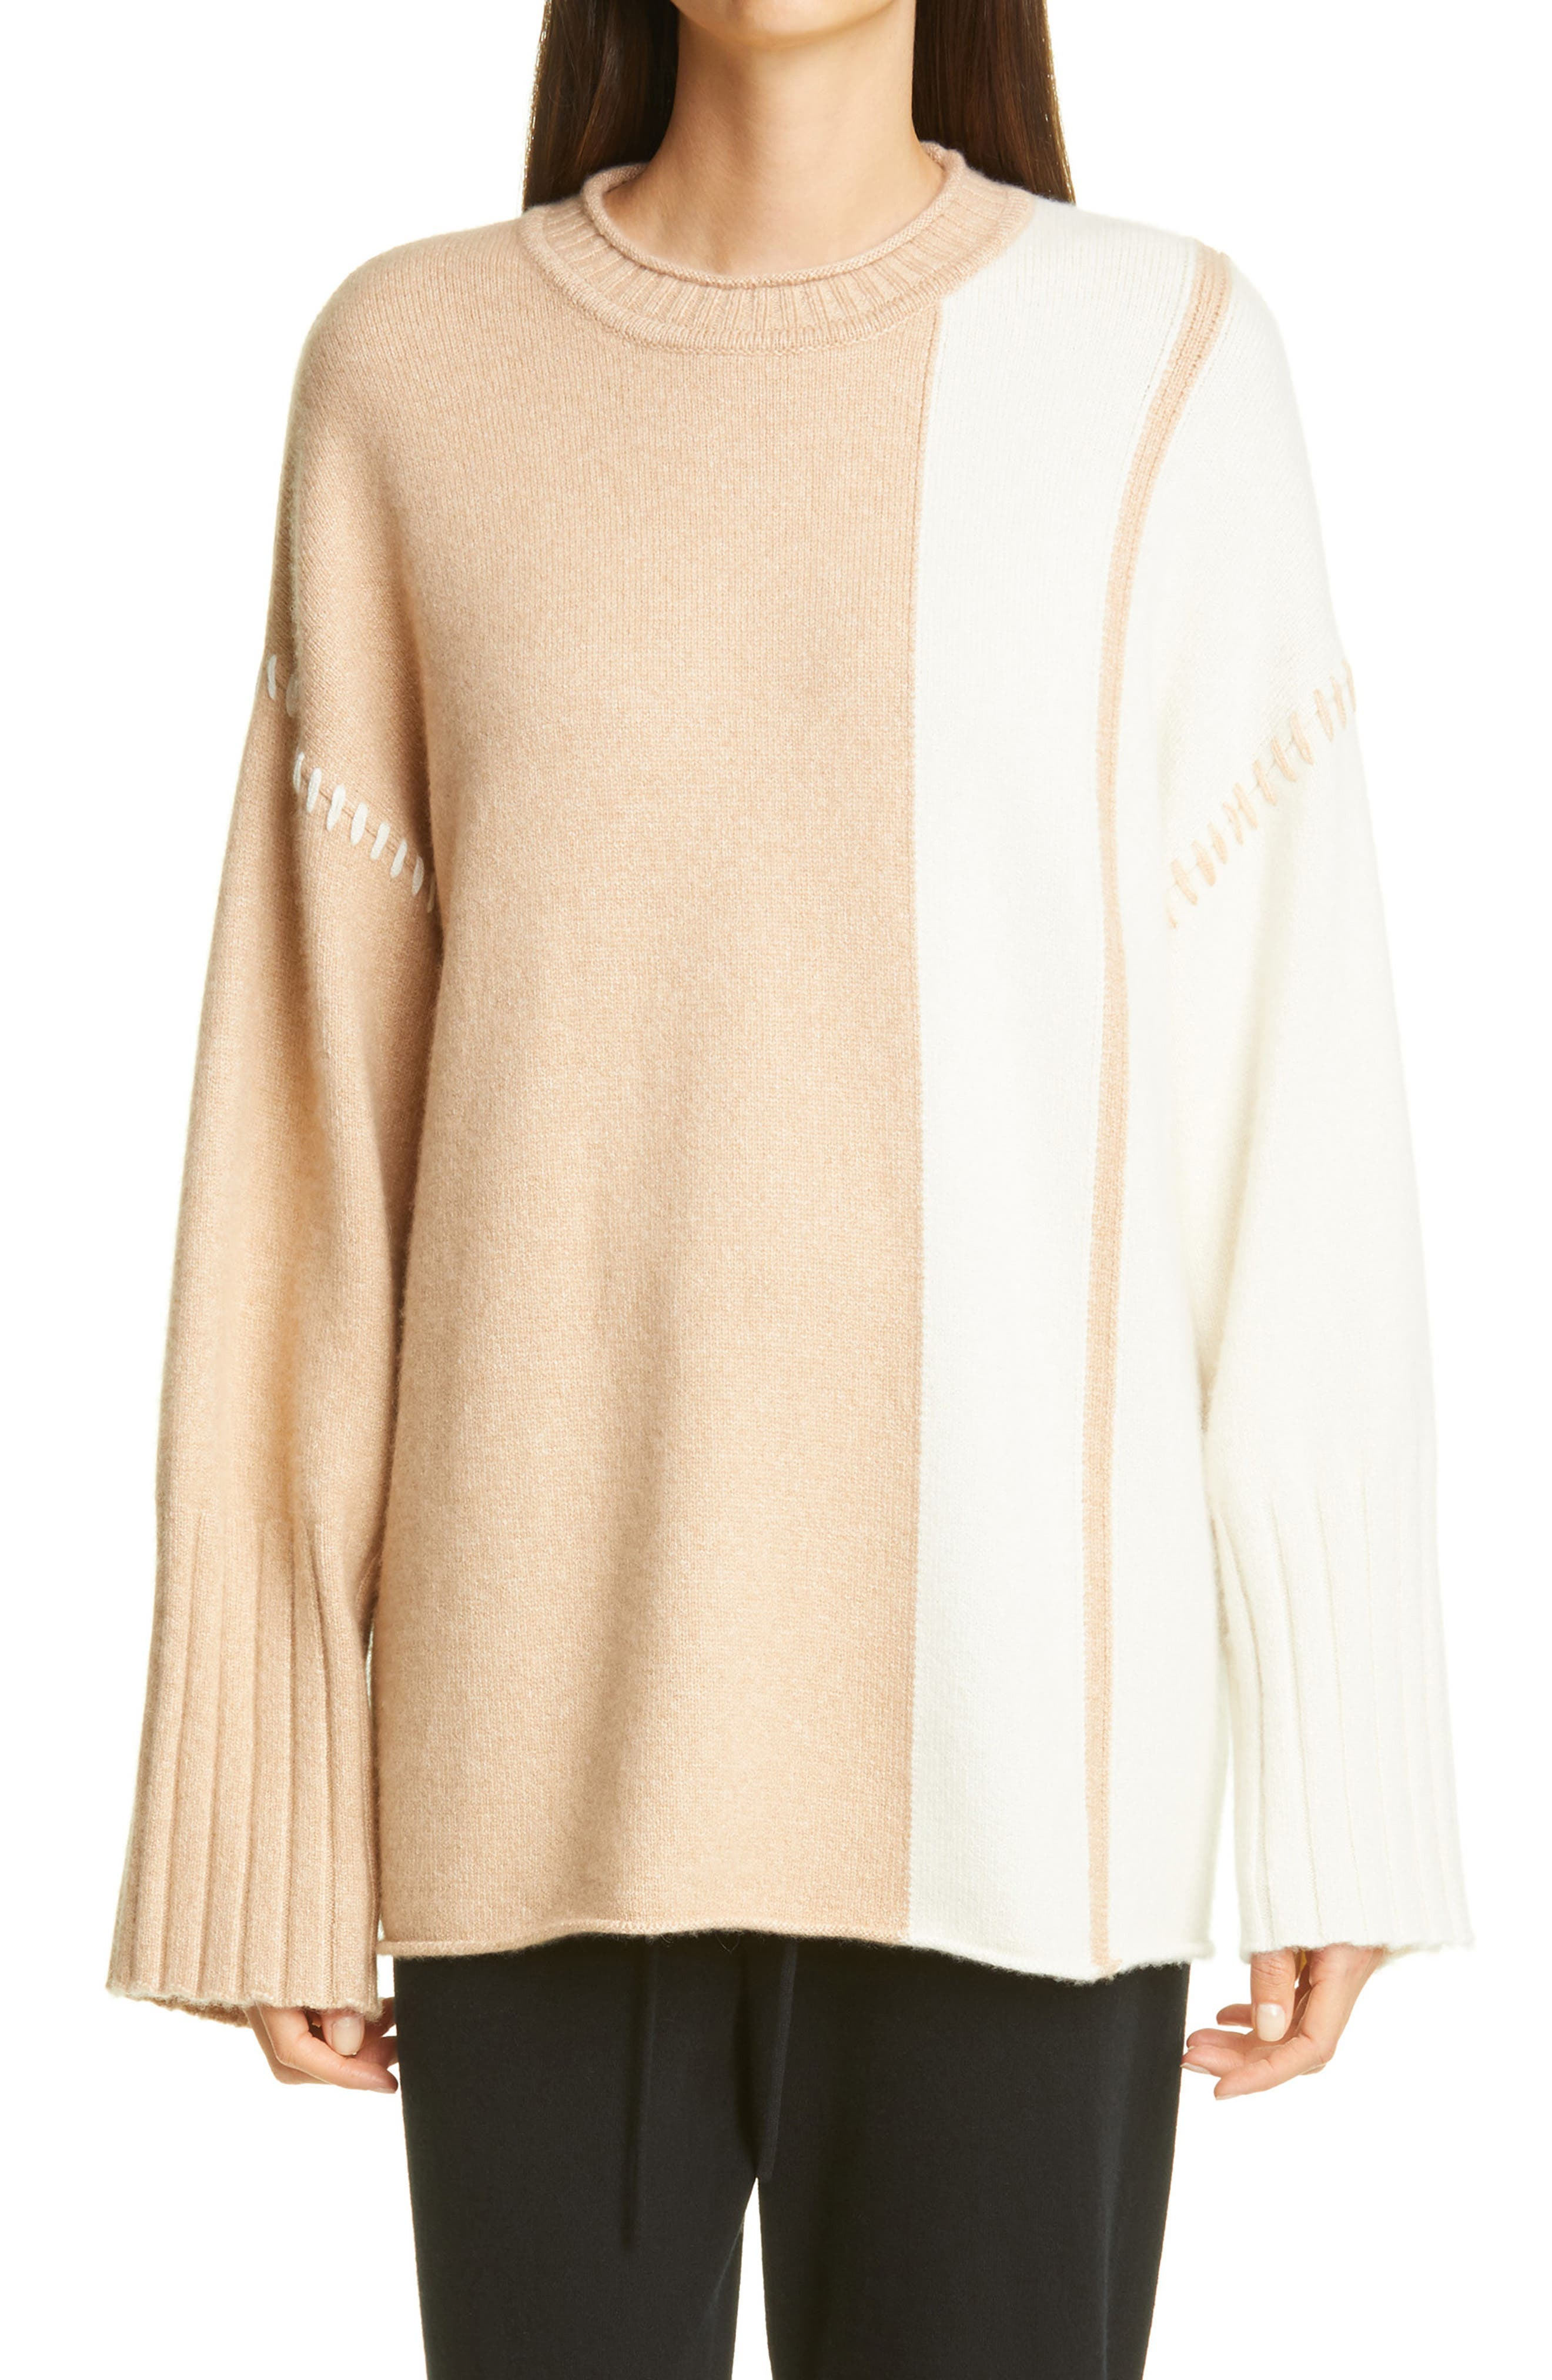 2 St John Black Knit Sweater /& Blue Knit Sweater XL